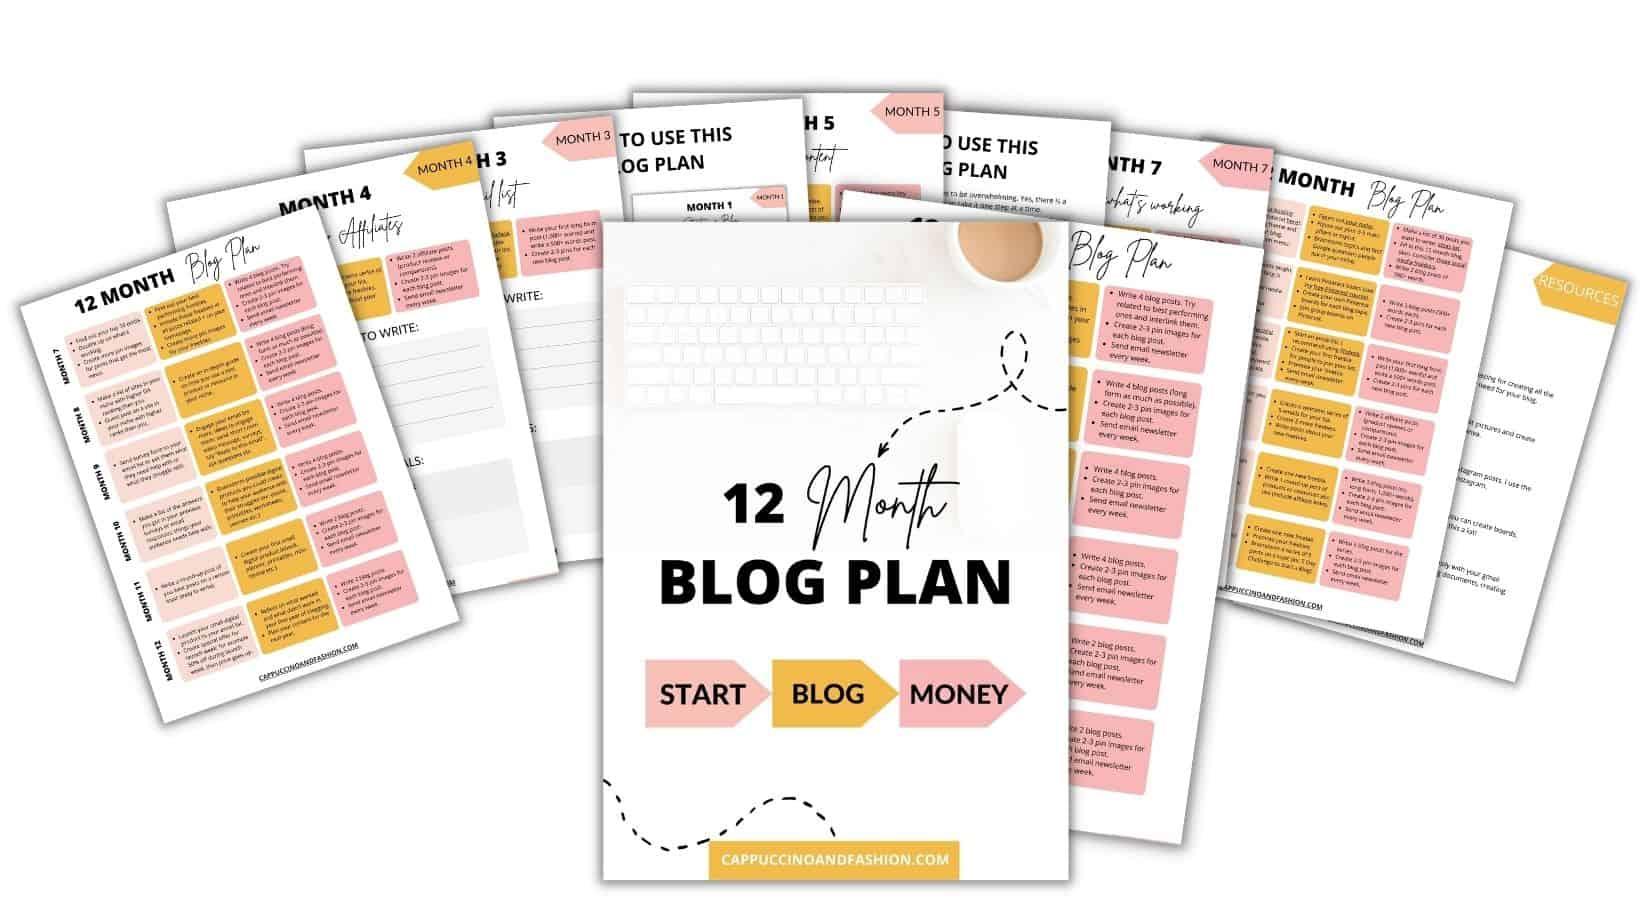 12 Month Blog Plan